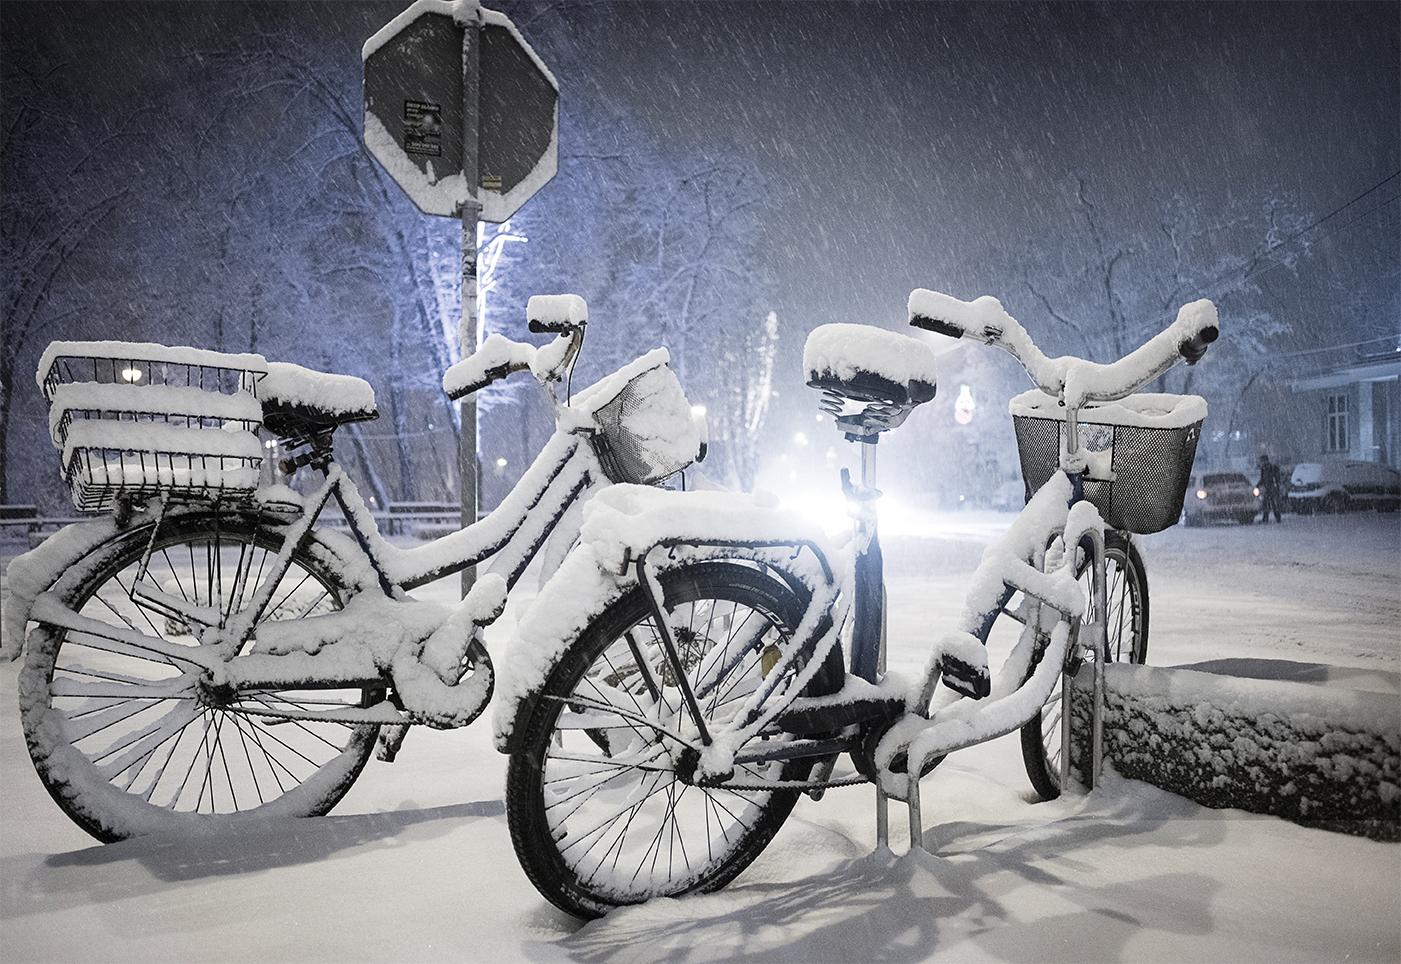 MILUNA-Ewa-Milun-Walczak-Zima-snieg-Piastow-plener-opady-biel-magia-zimy-zimno-chlod-piekno-Pod-pierzyna-10